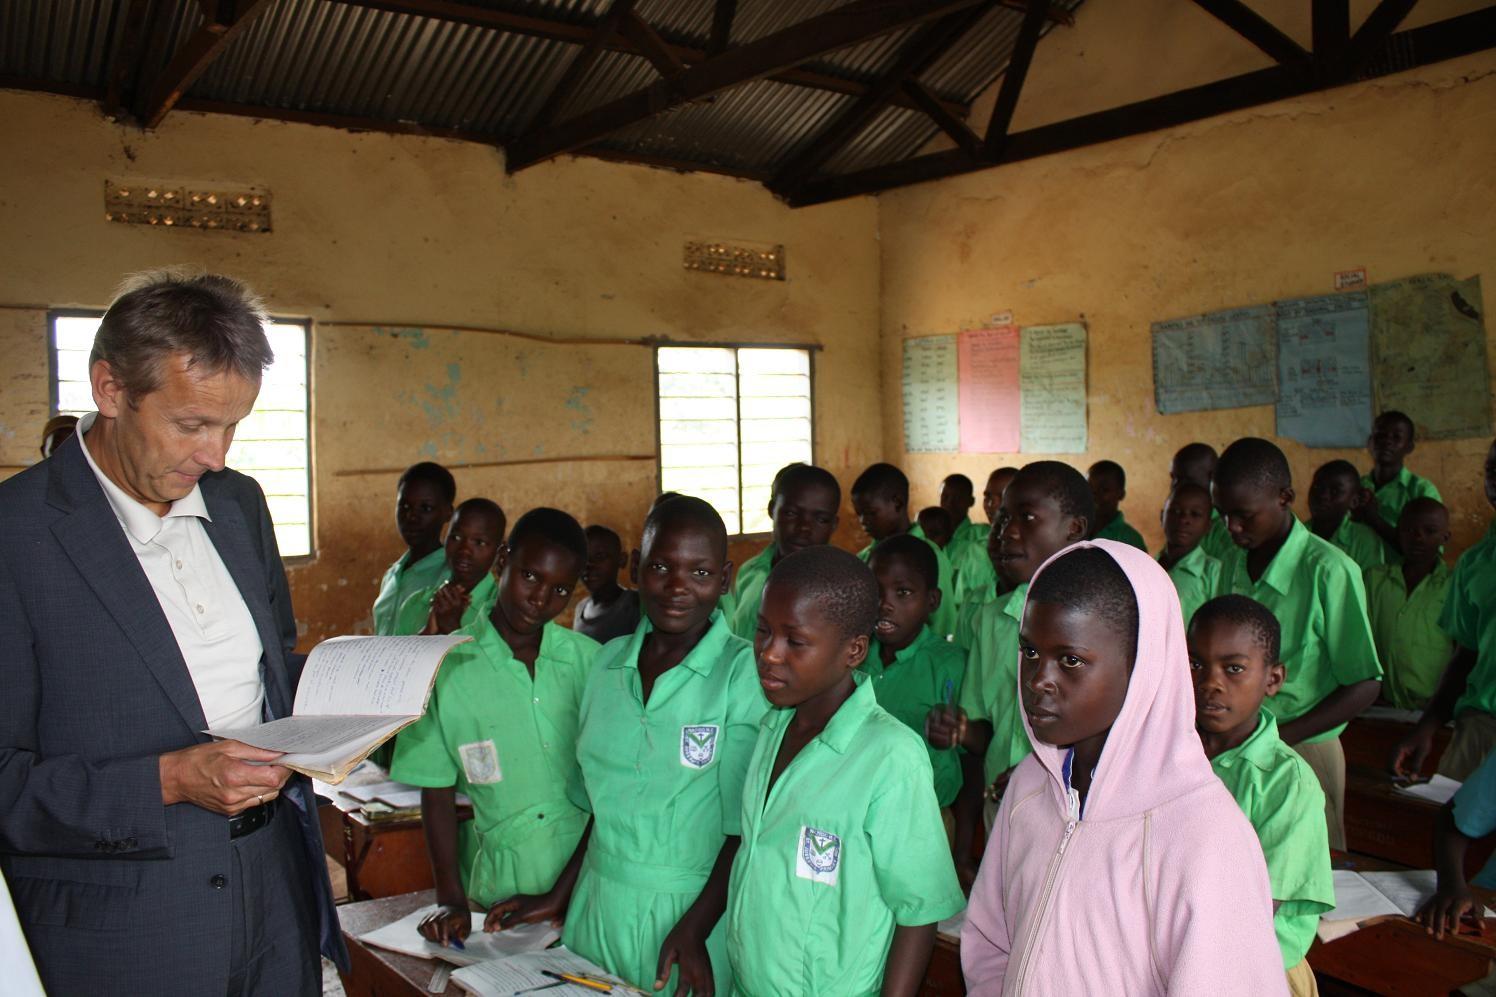 Bildung als Schlüssel zu einer besseren Zukunft - Schulbetrieb in Uganda (C) Lopatka